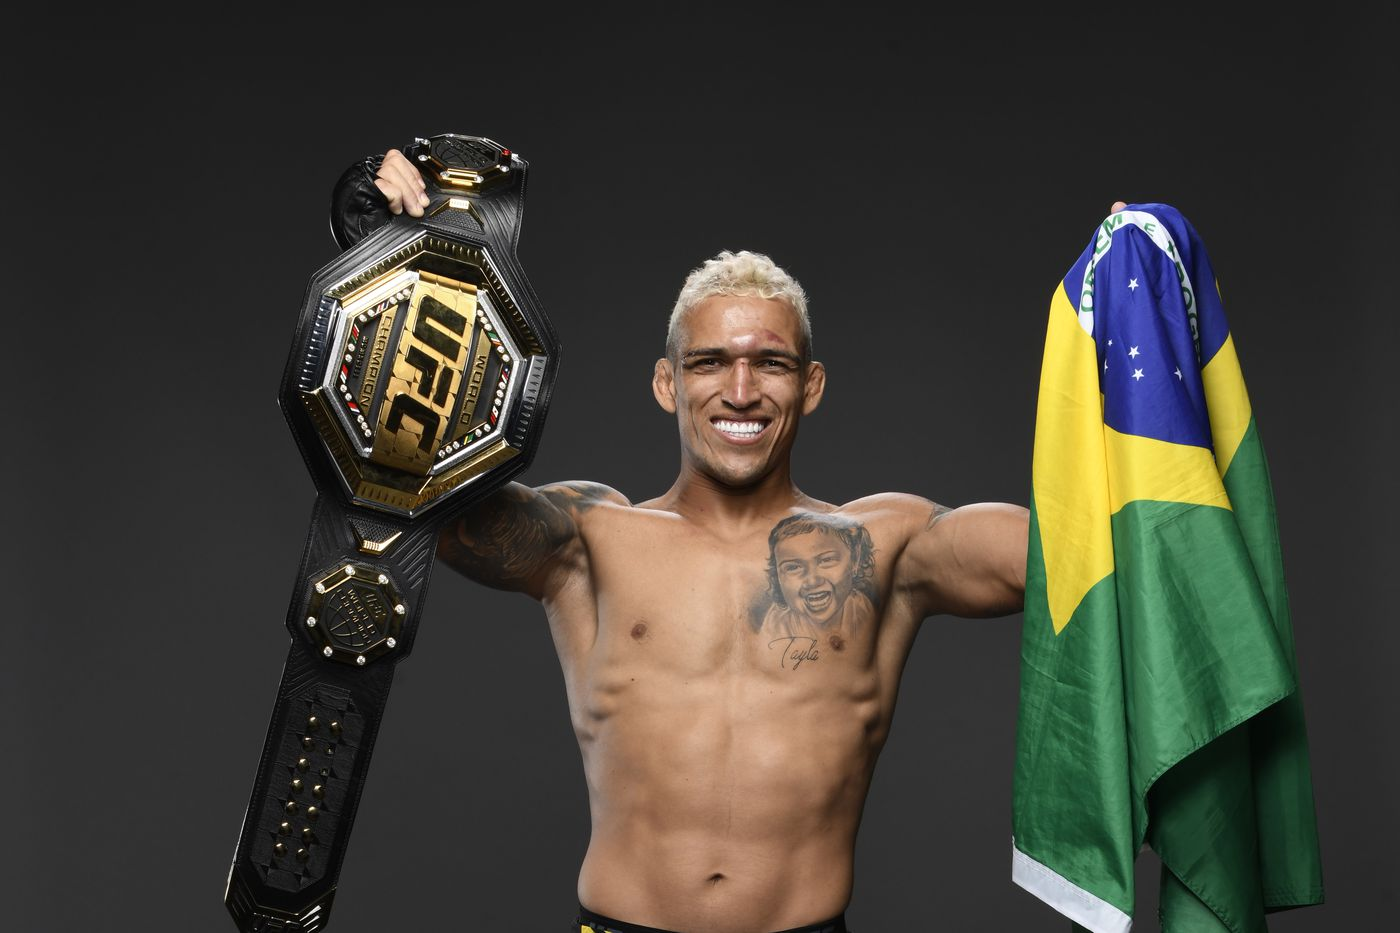 Charles Oliveira vs Dustin Poirier title fight planned for December